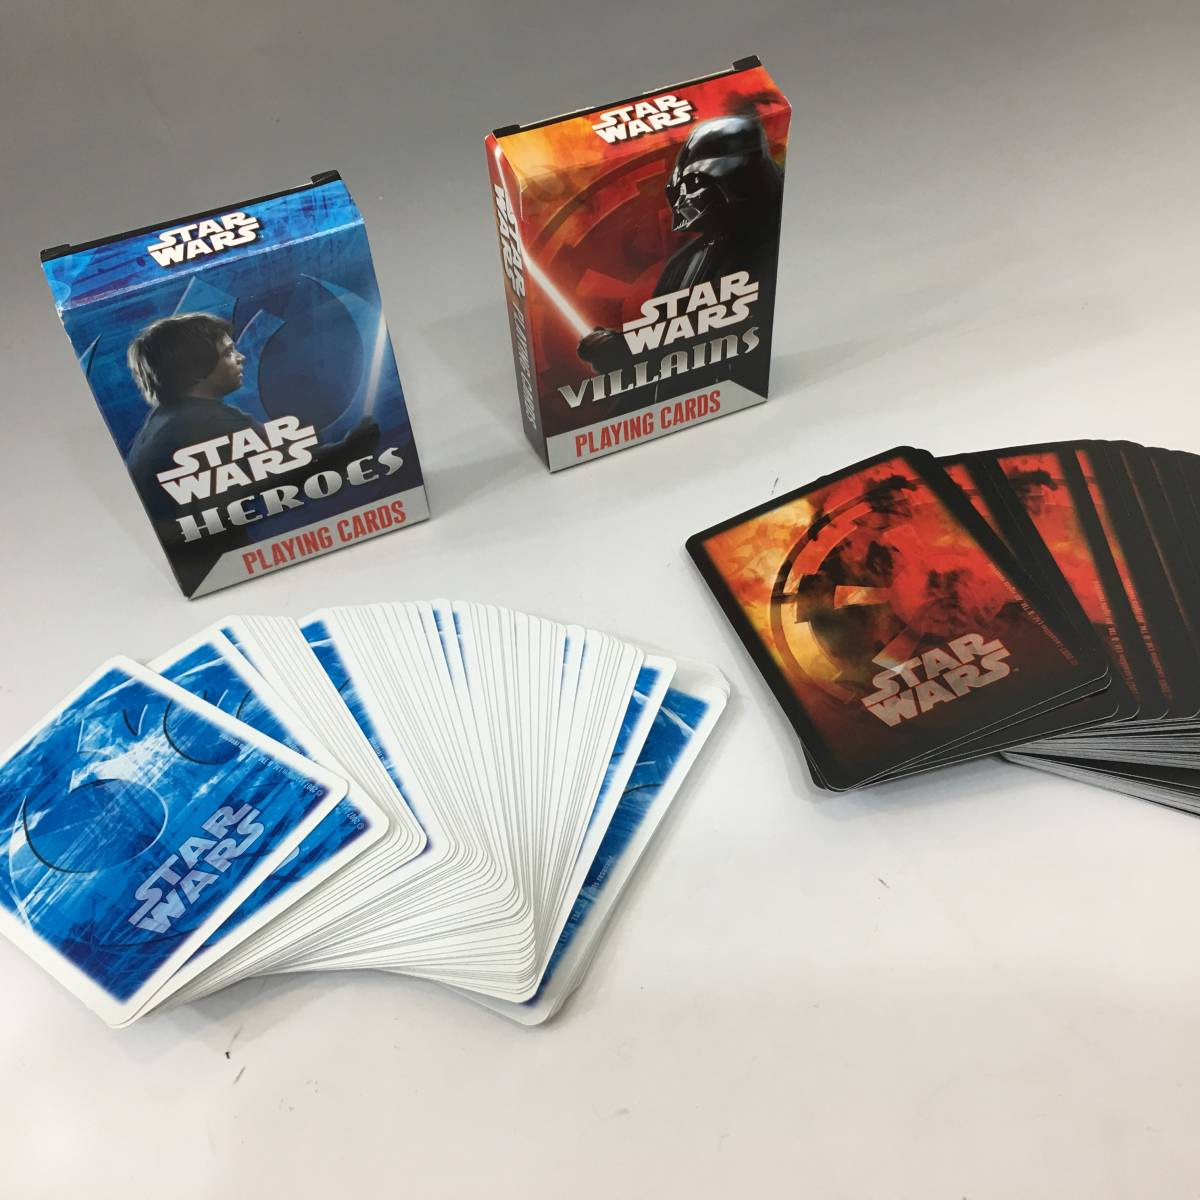 Tb10/31/09 【未使用品】 スターウォーズ プレイングカード HEROES&VILLAINS 2デッキセット トランプ カードゲーム_画像8